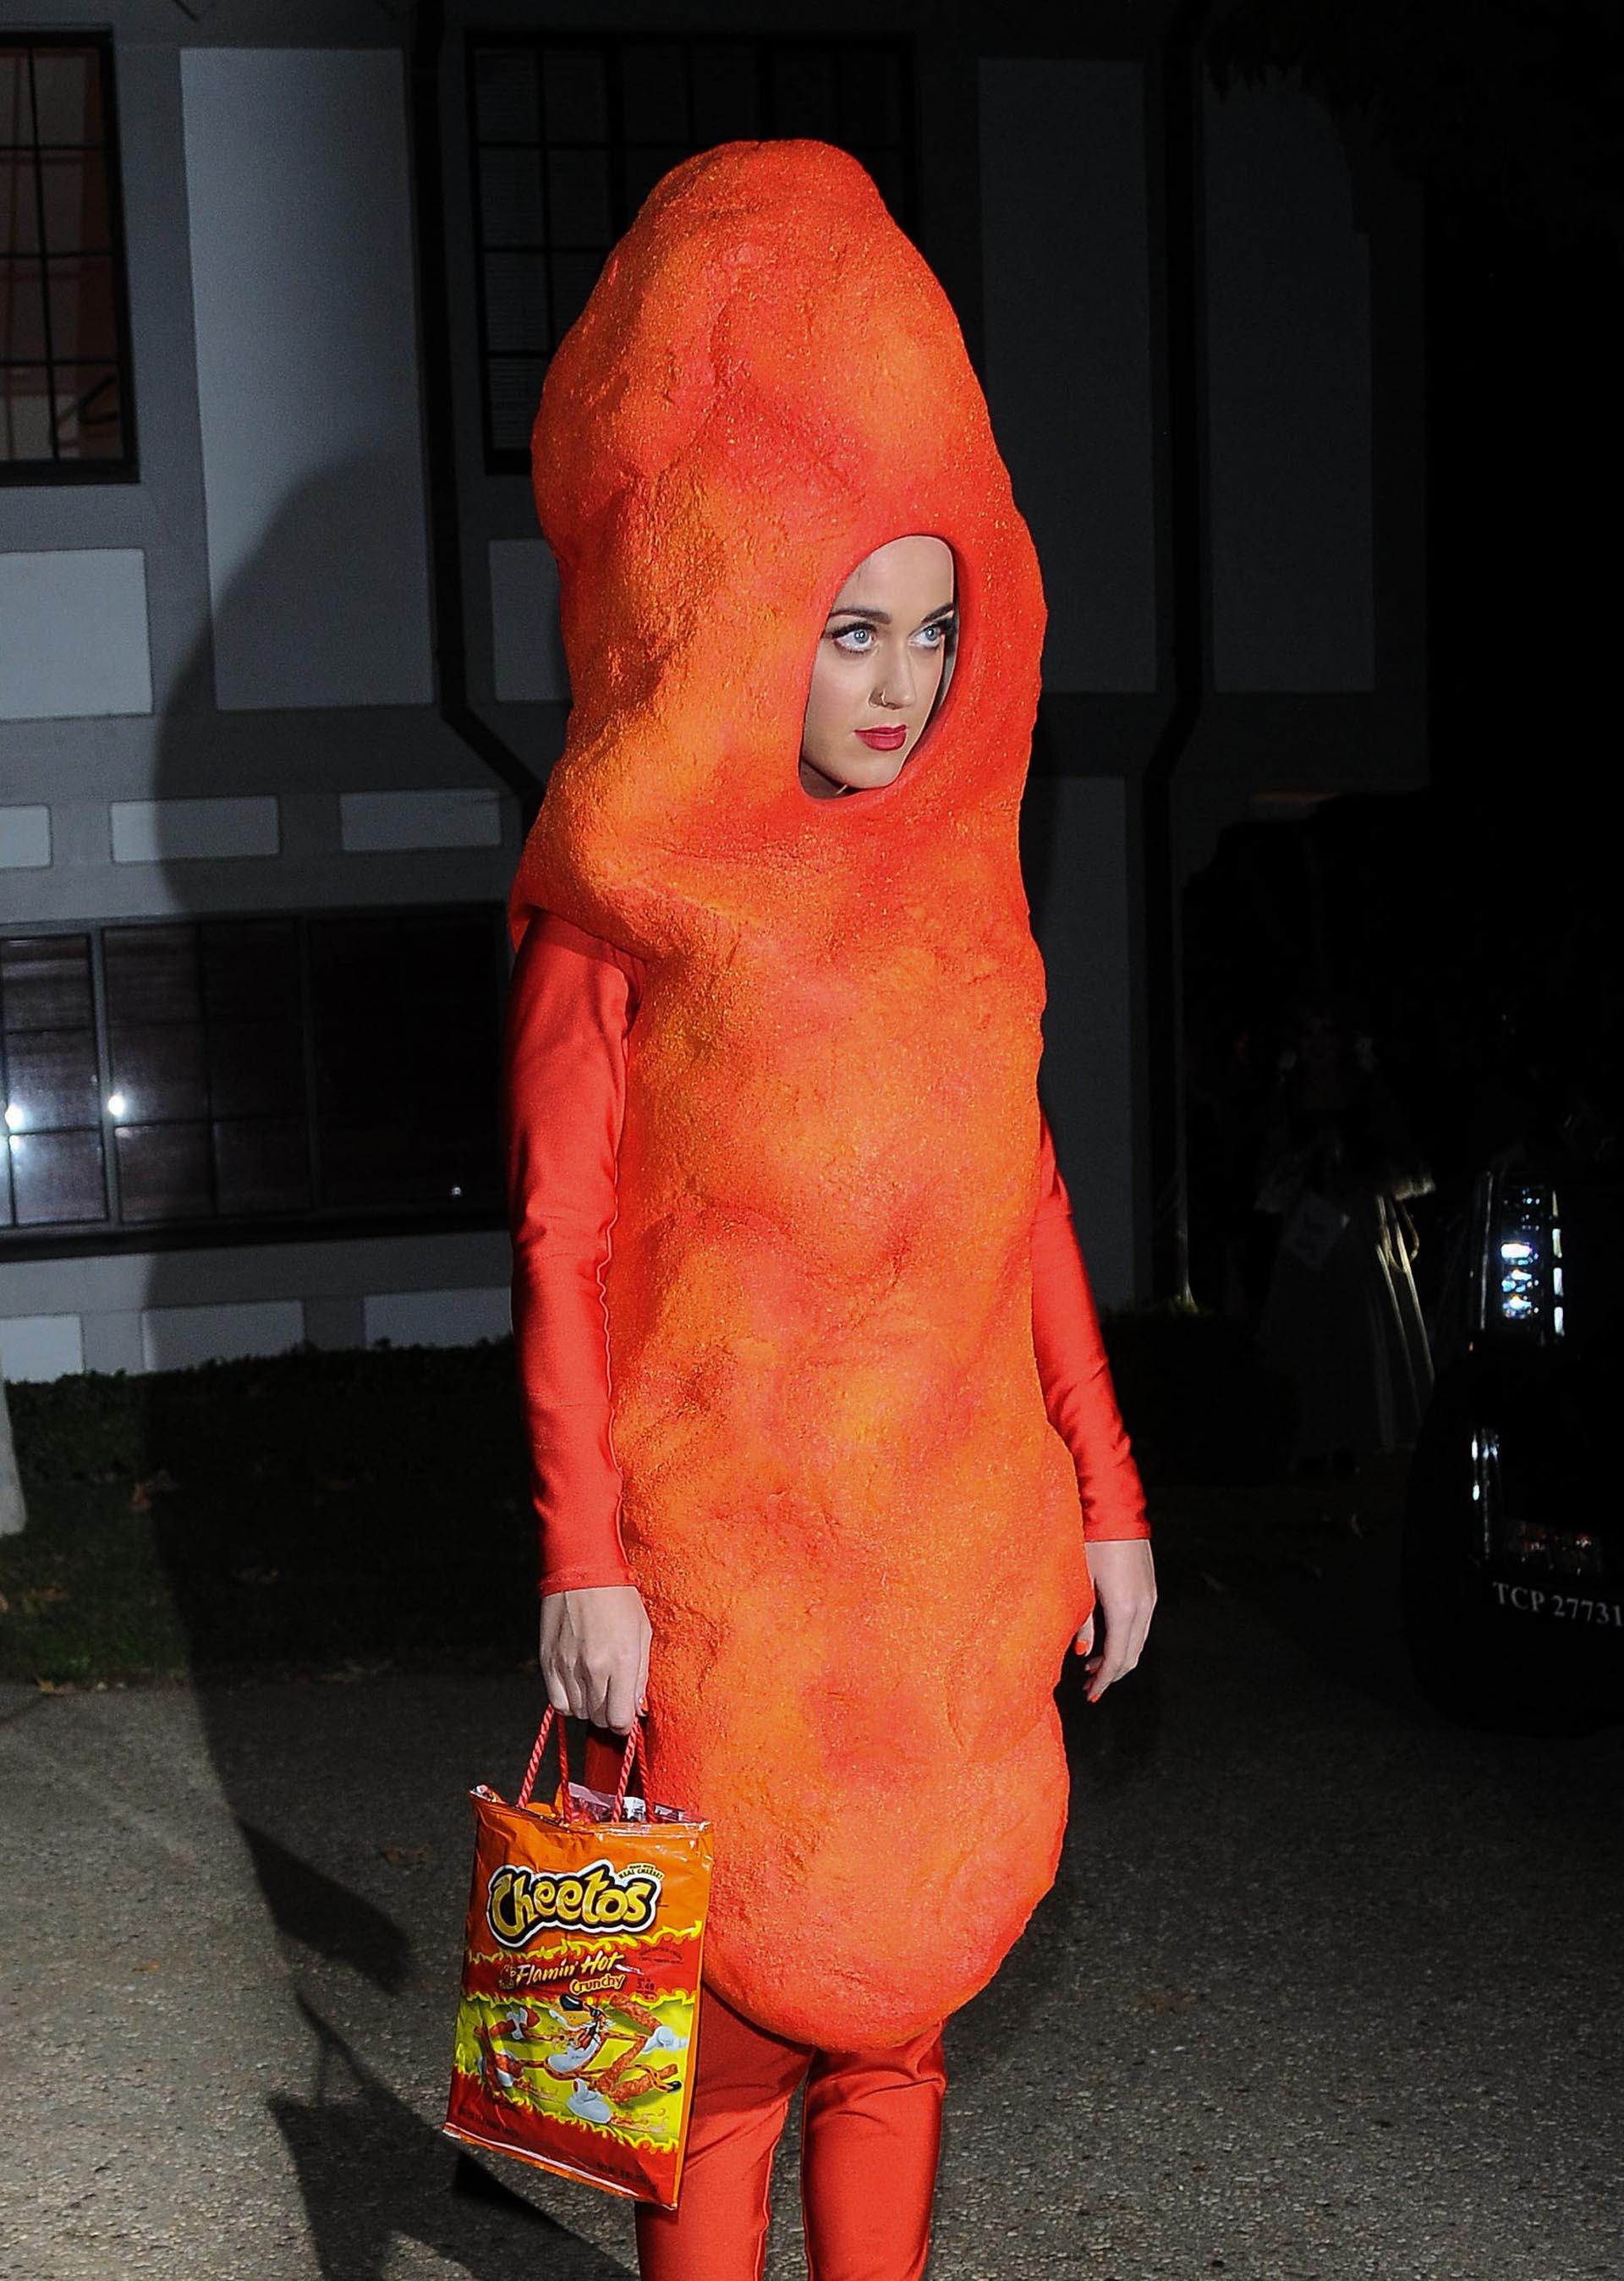 En 2014 la actrizKaty Perry decidió acudir a una fiesta privada en Los Angeles vestida de 'chizito' un vestuario sumamante original (Photo by Chinchilla/Bauer-Griffin/GC Images)